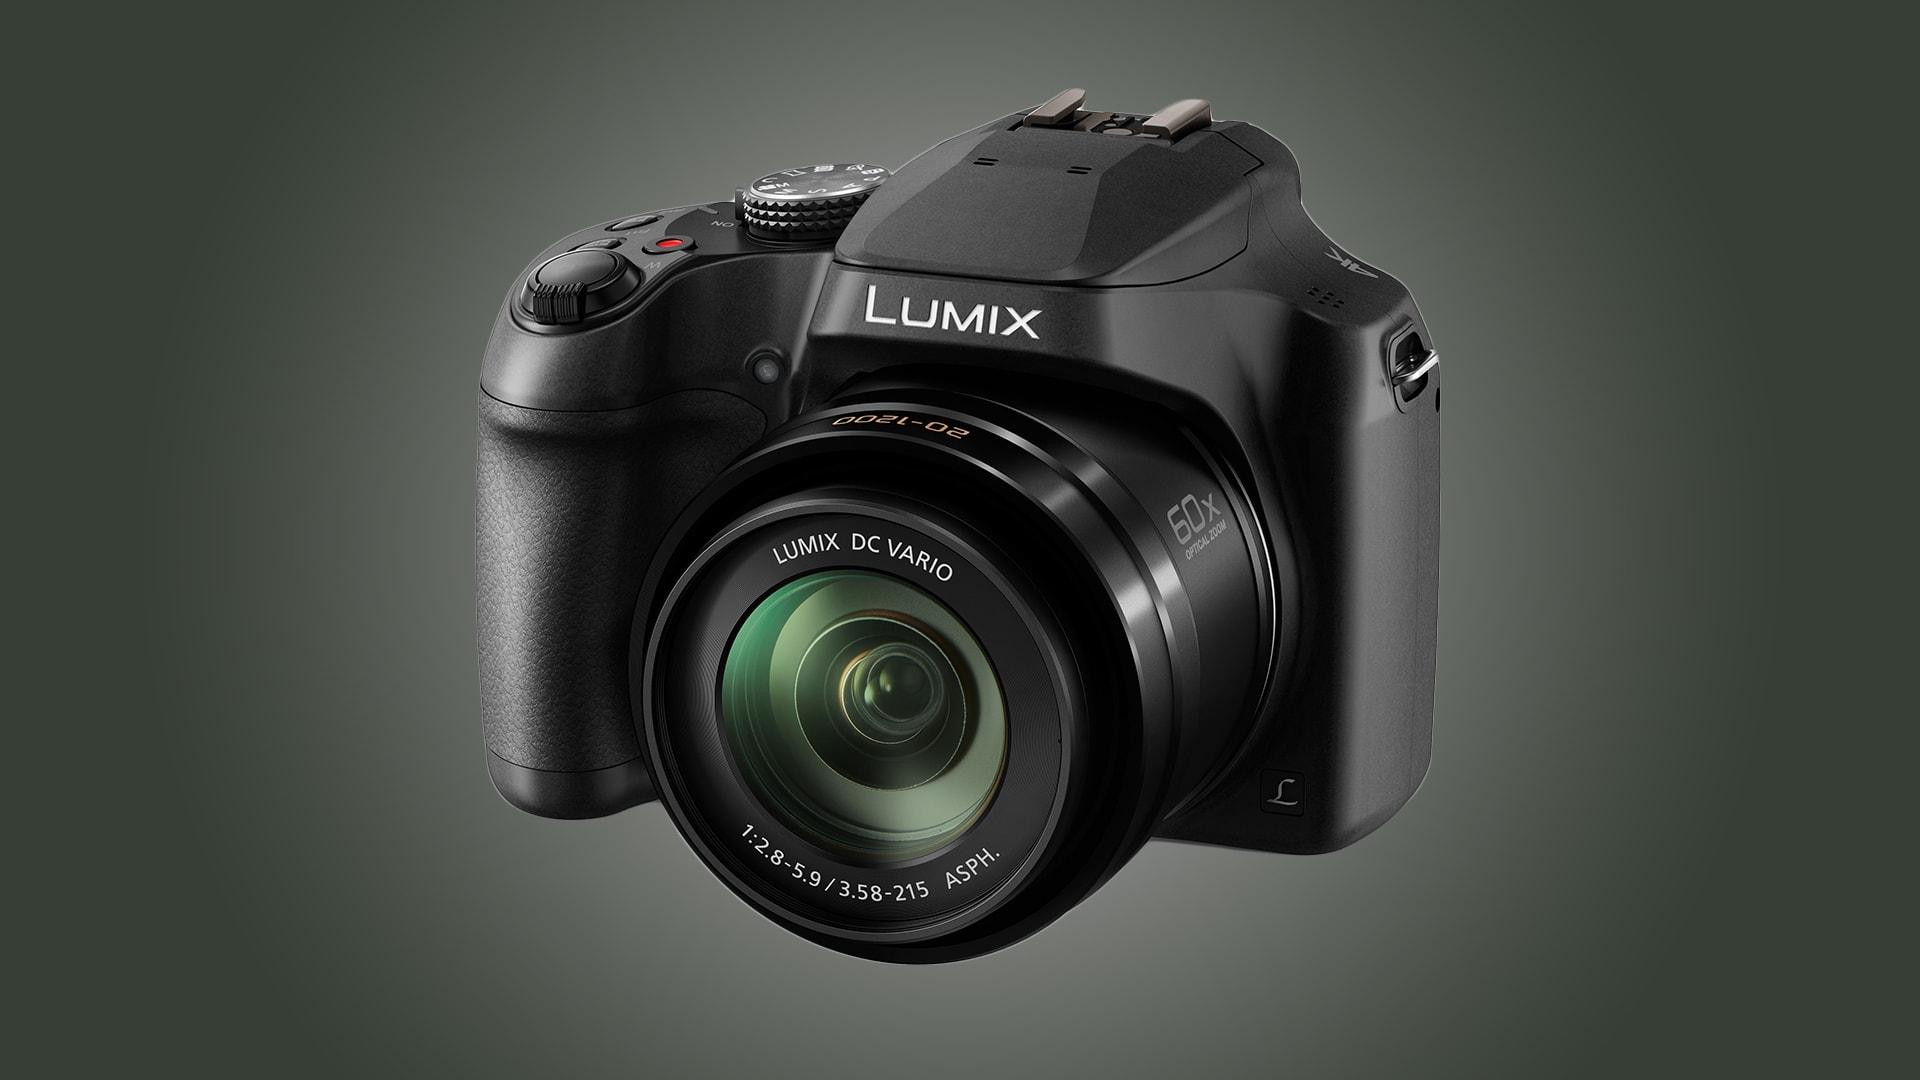 najlepszy aparat na rynku